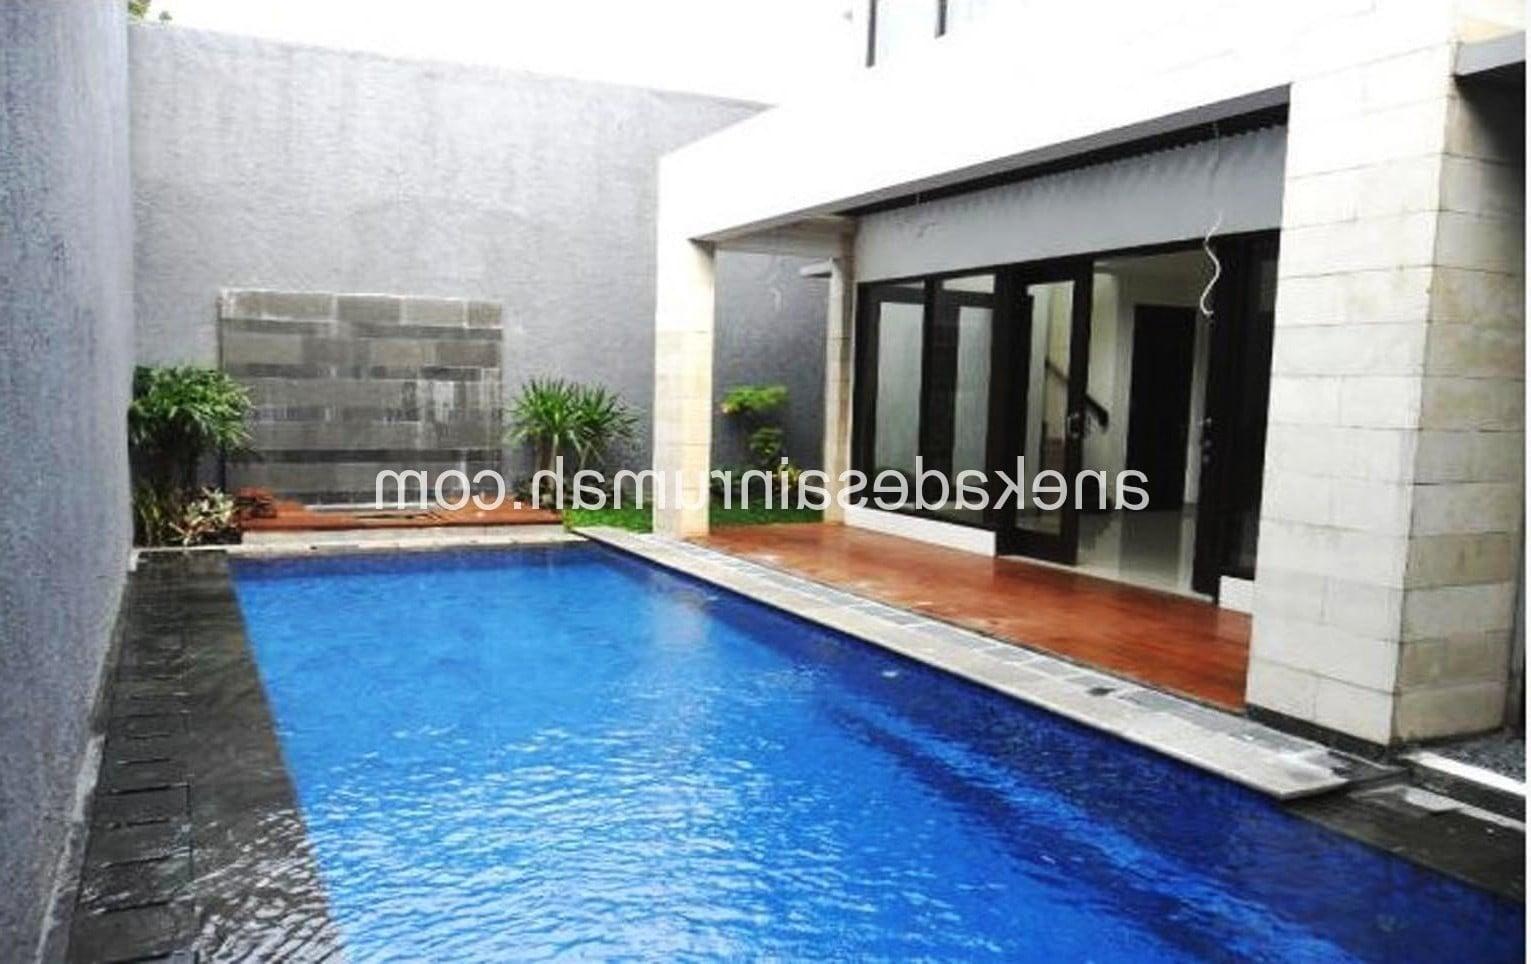 51 Trendy Rumah Minimalis Modern Kolam Renang Terbaru dan Terlengkap